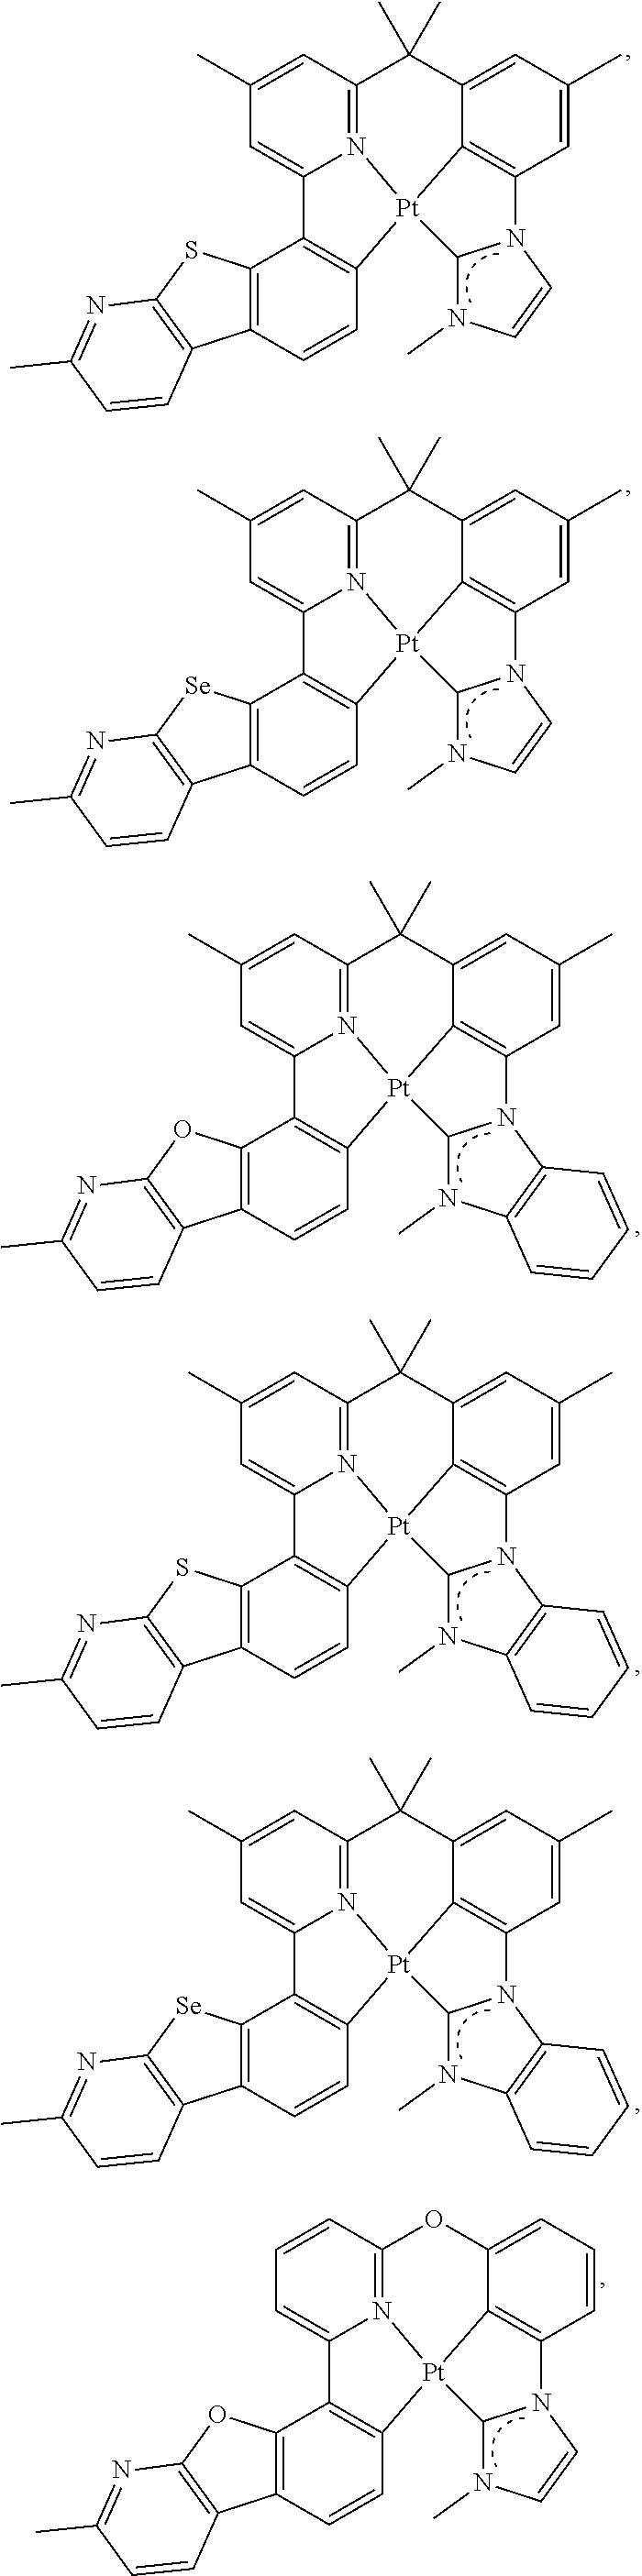 Figure US09871214-20180116-C00044